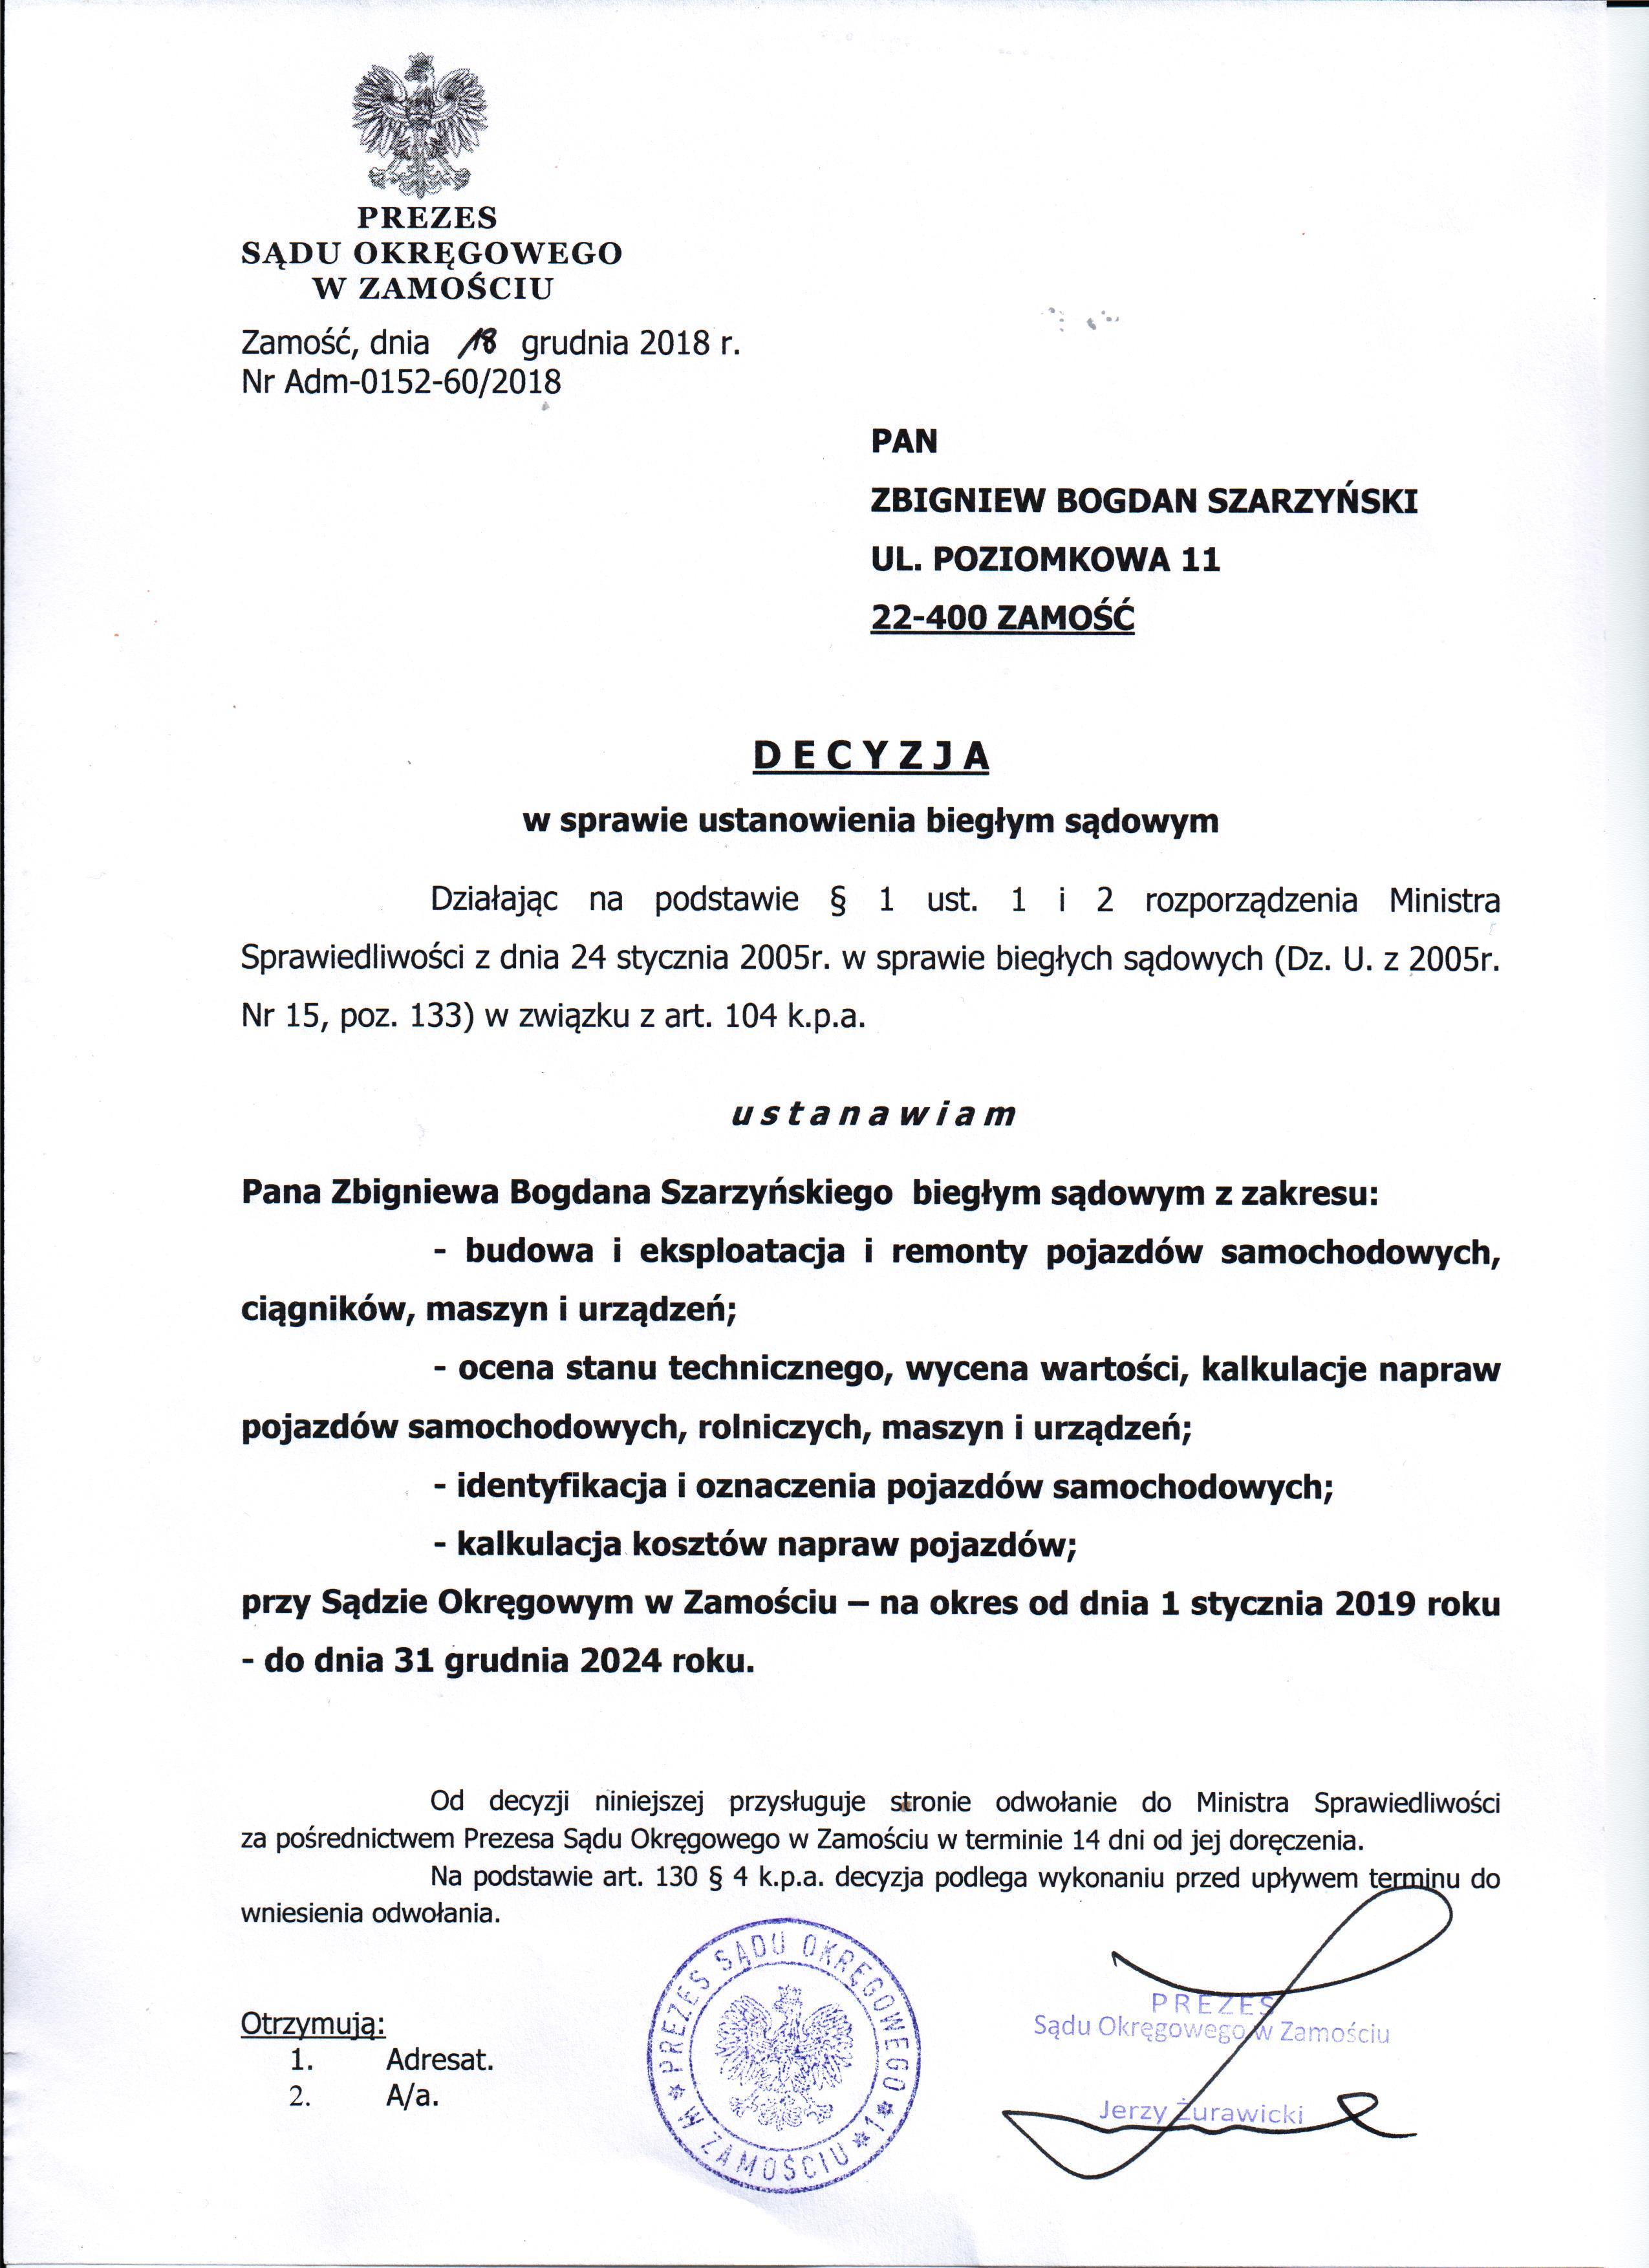 Biegly sadowy Sadu Okregowego w Zamosciu-Zbigniew Szarzynski